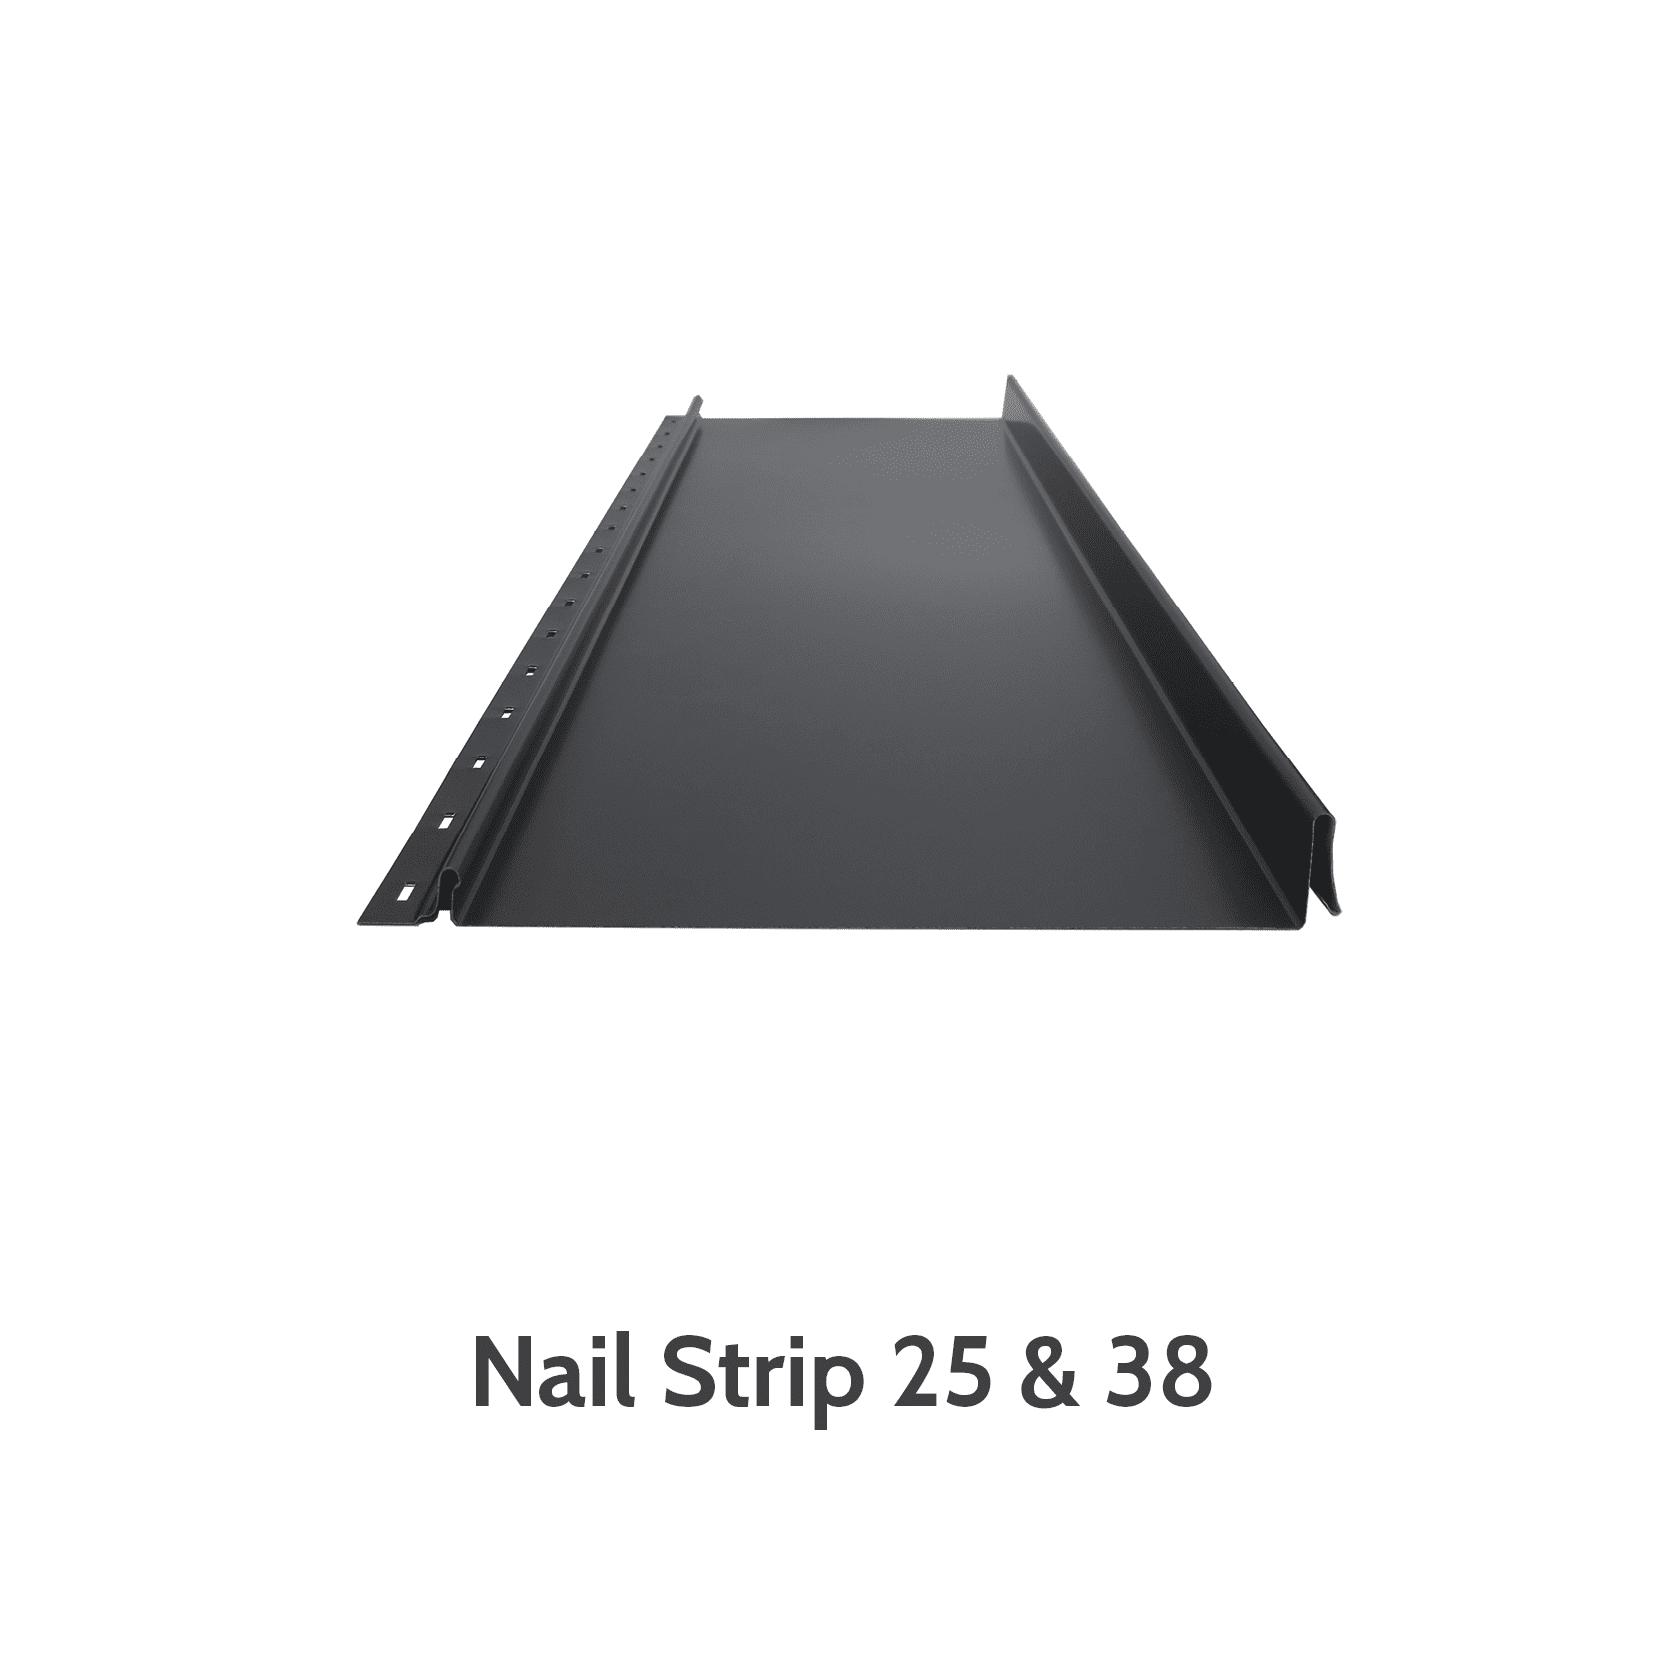 Nail Strip 25 & 38